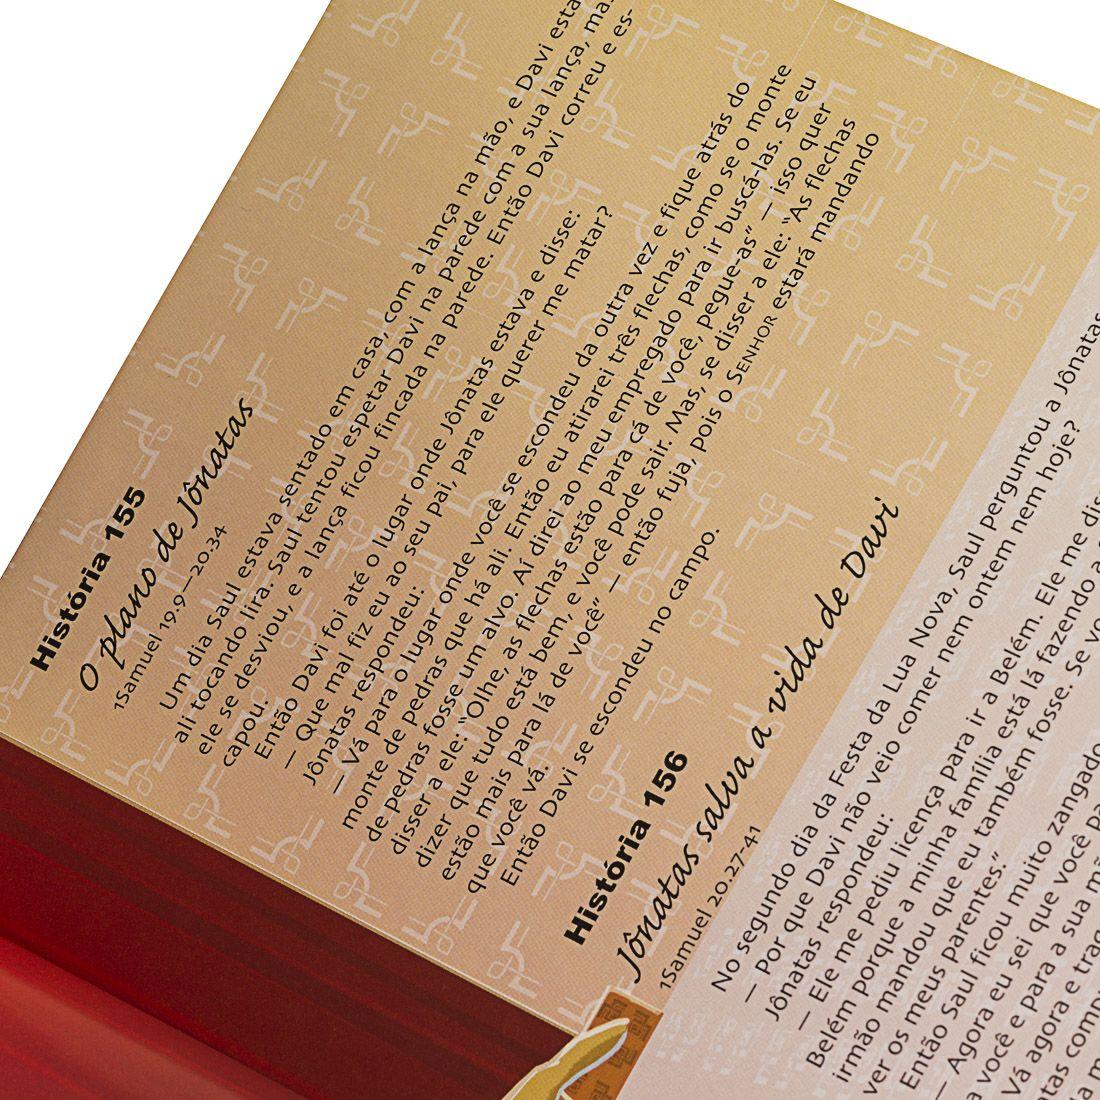 Bíblia Ilustrada | 365 histórias selecionadas